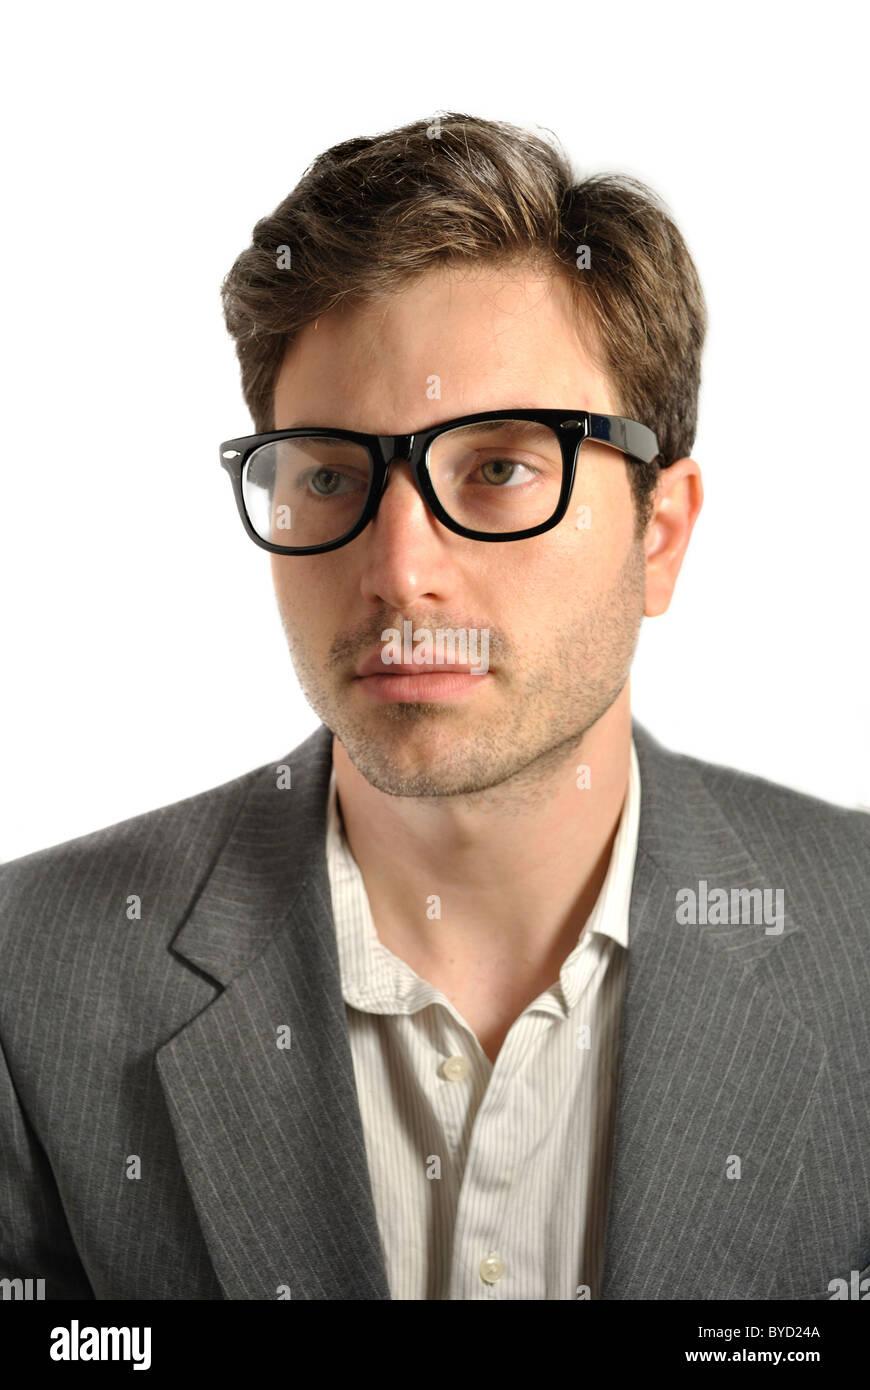 Ritratto di un uomo con gli occhiali. Immagini Stock